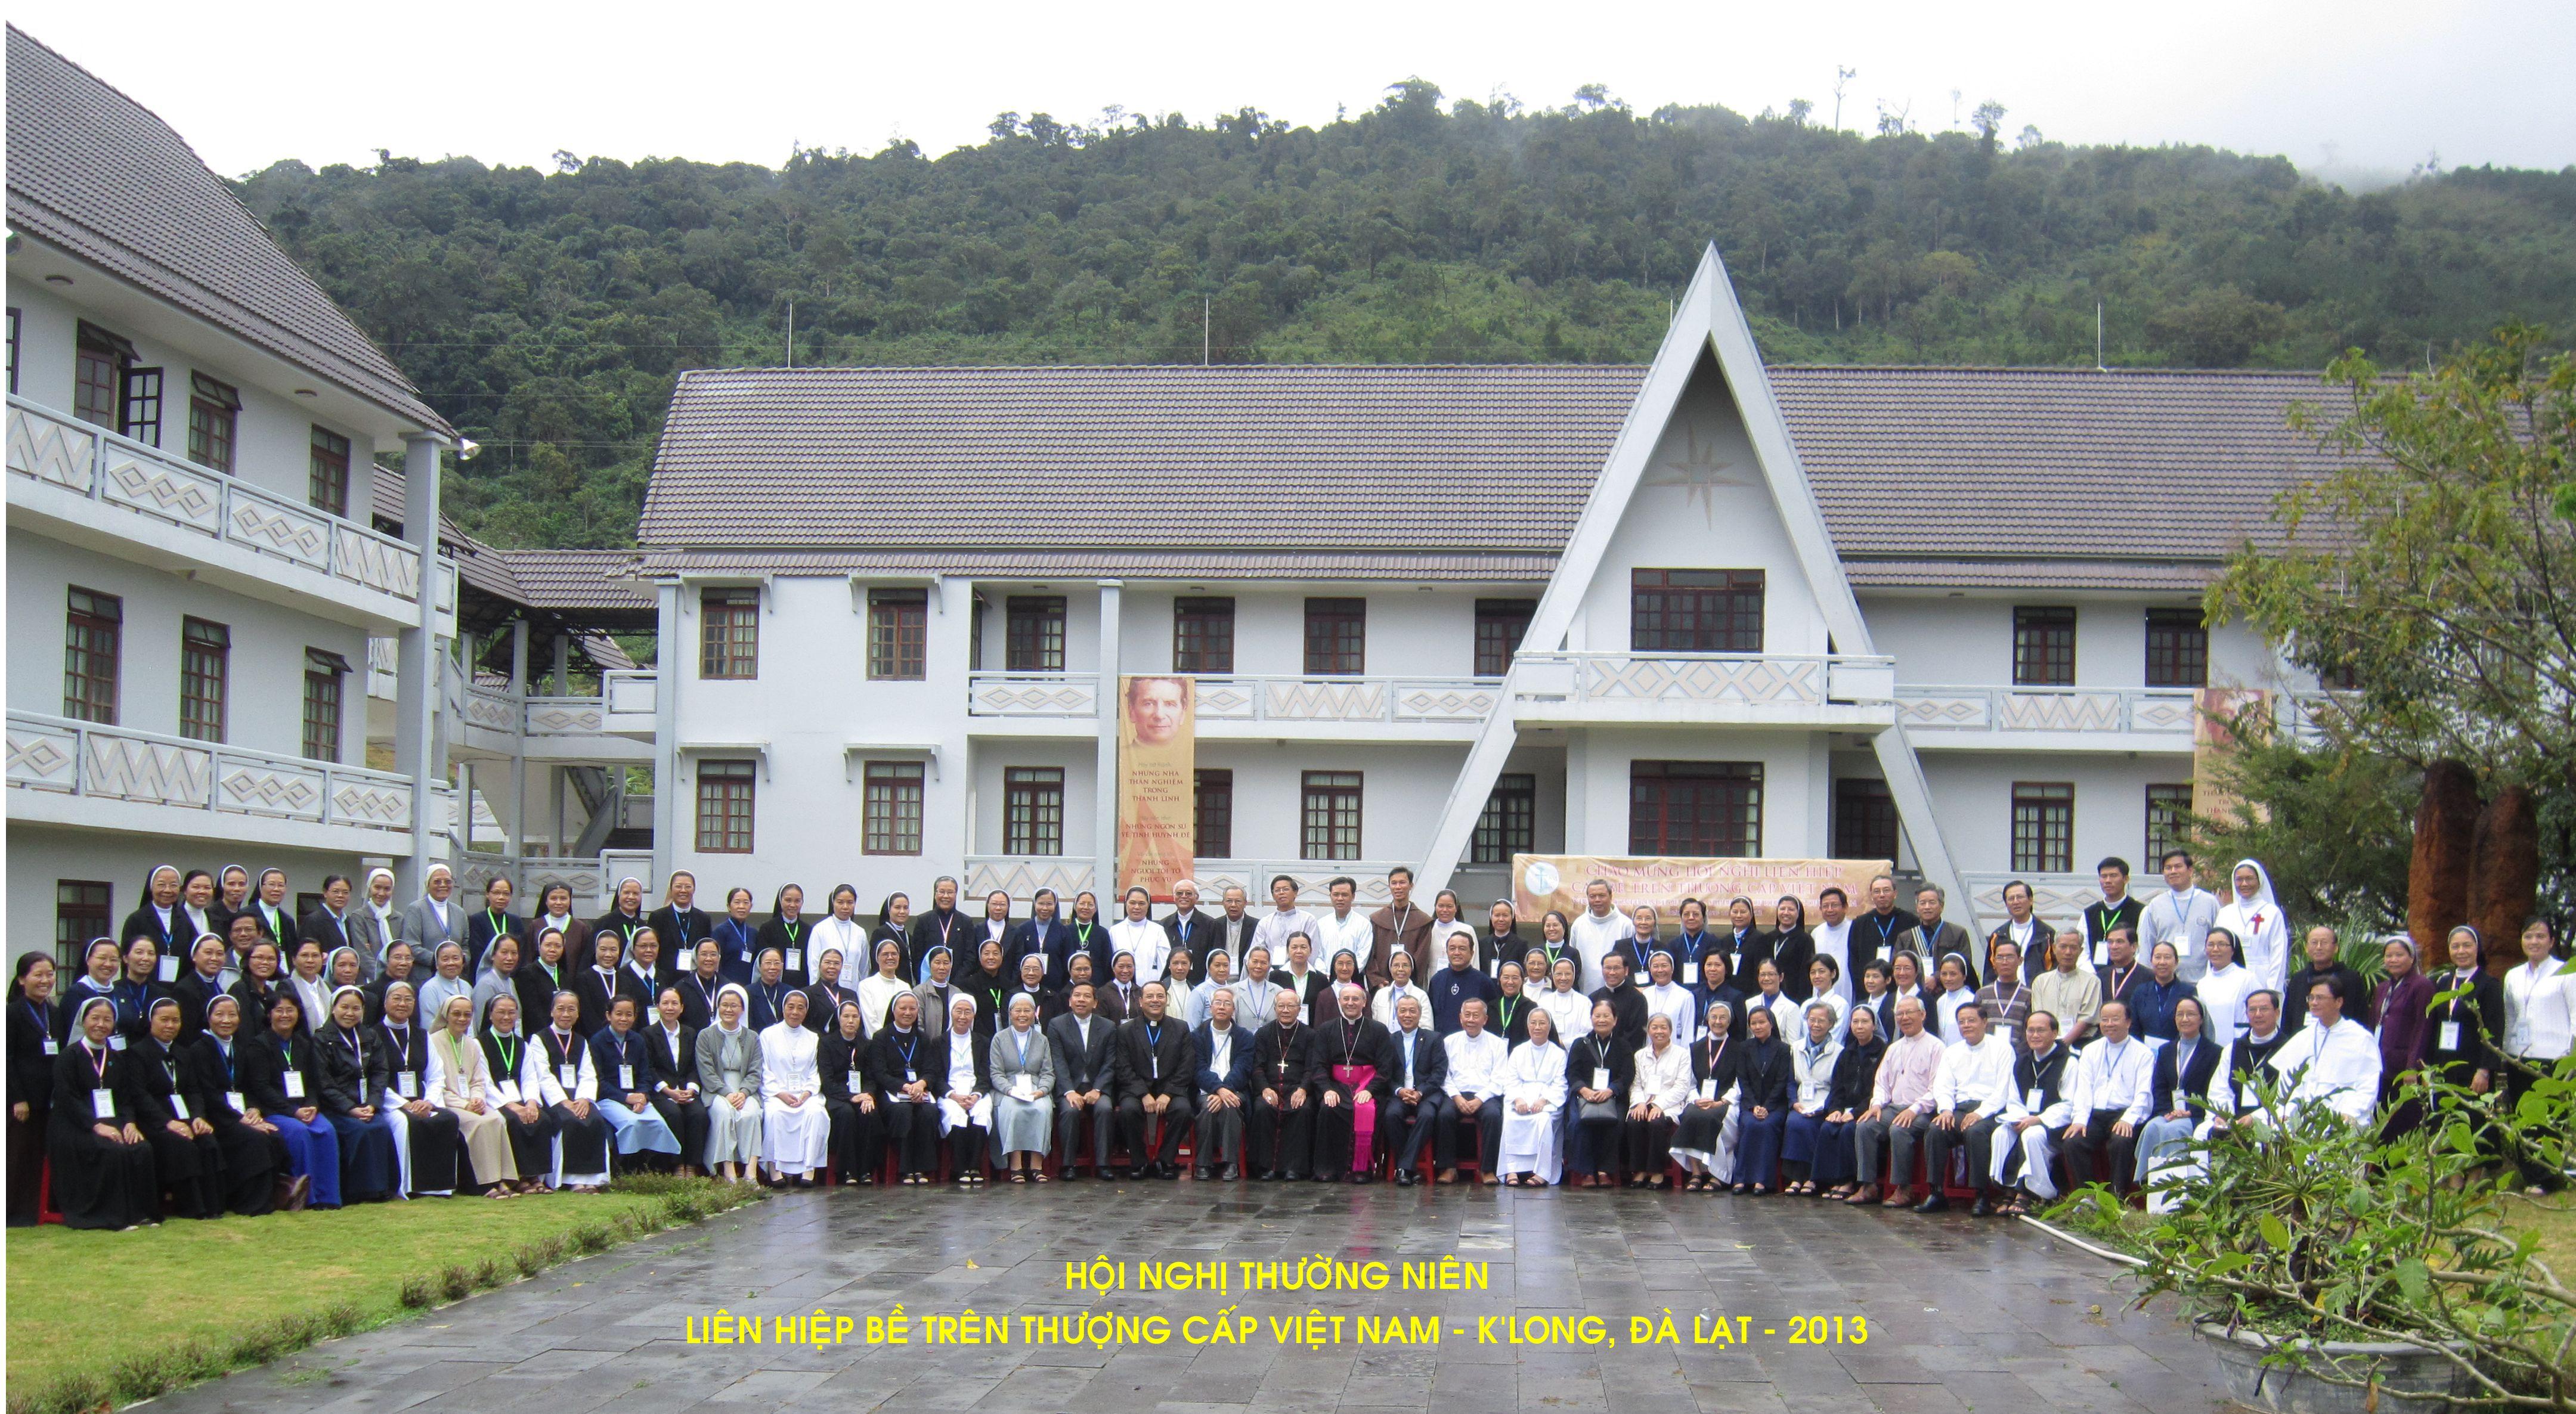 Hội Nghị Liên Hiệp Các Bề Trên Thượng Cấp Việt Nam 2013